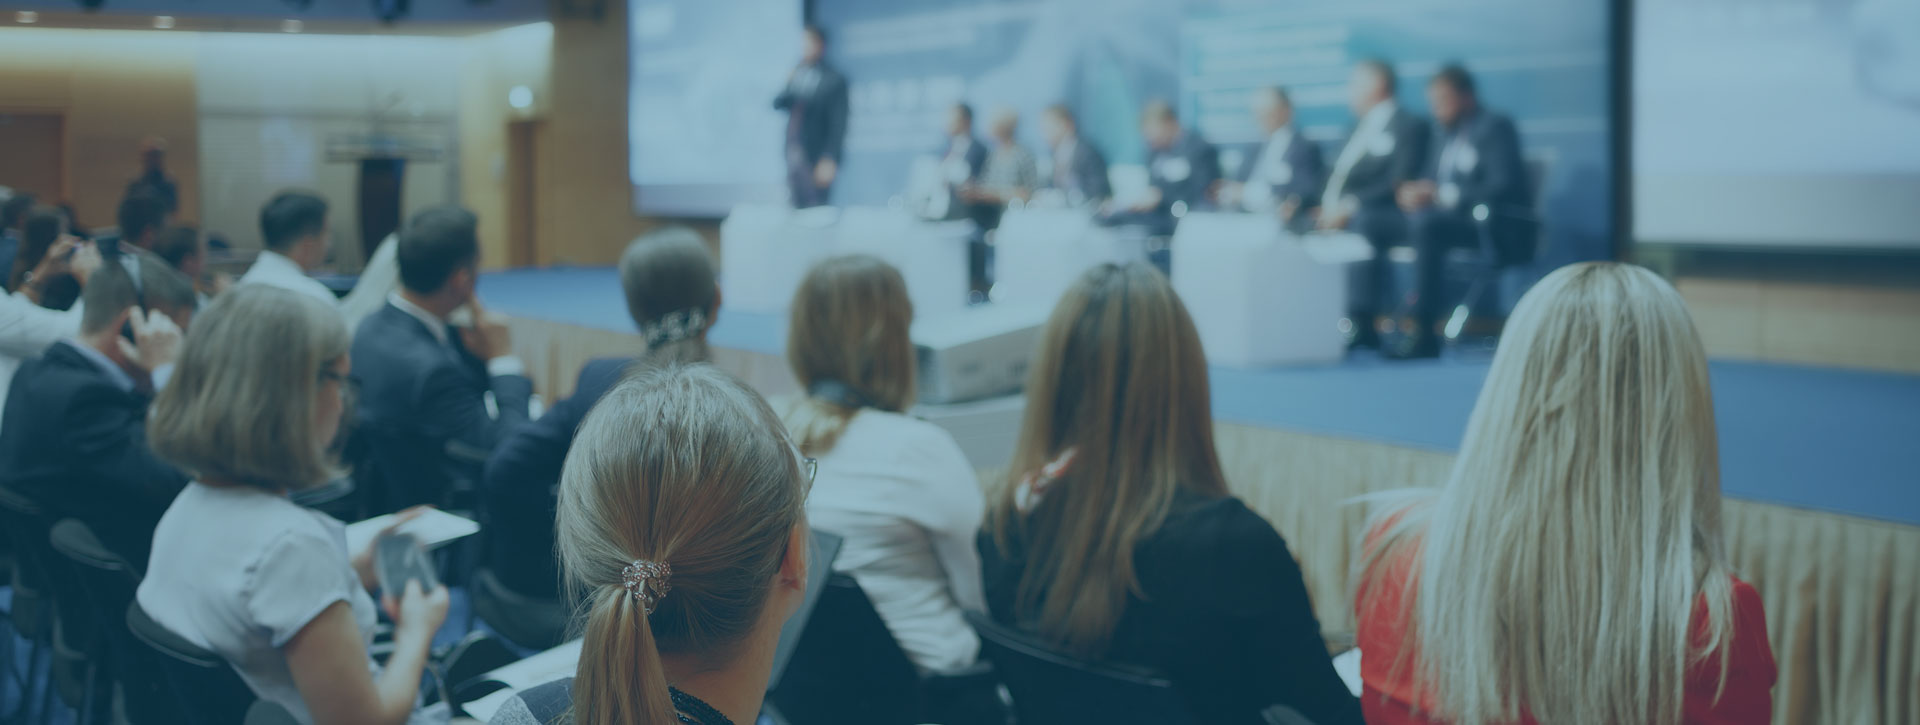 Organizzazione di eventi professionali